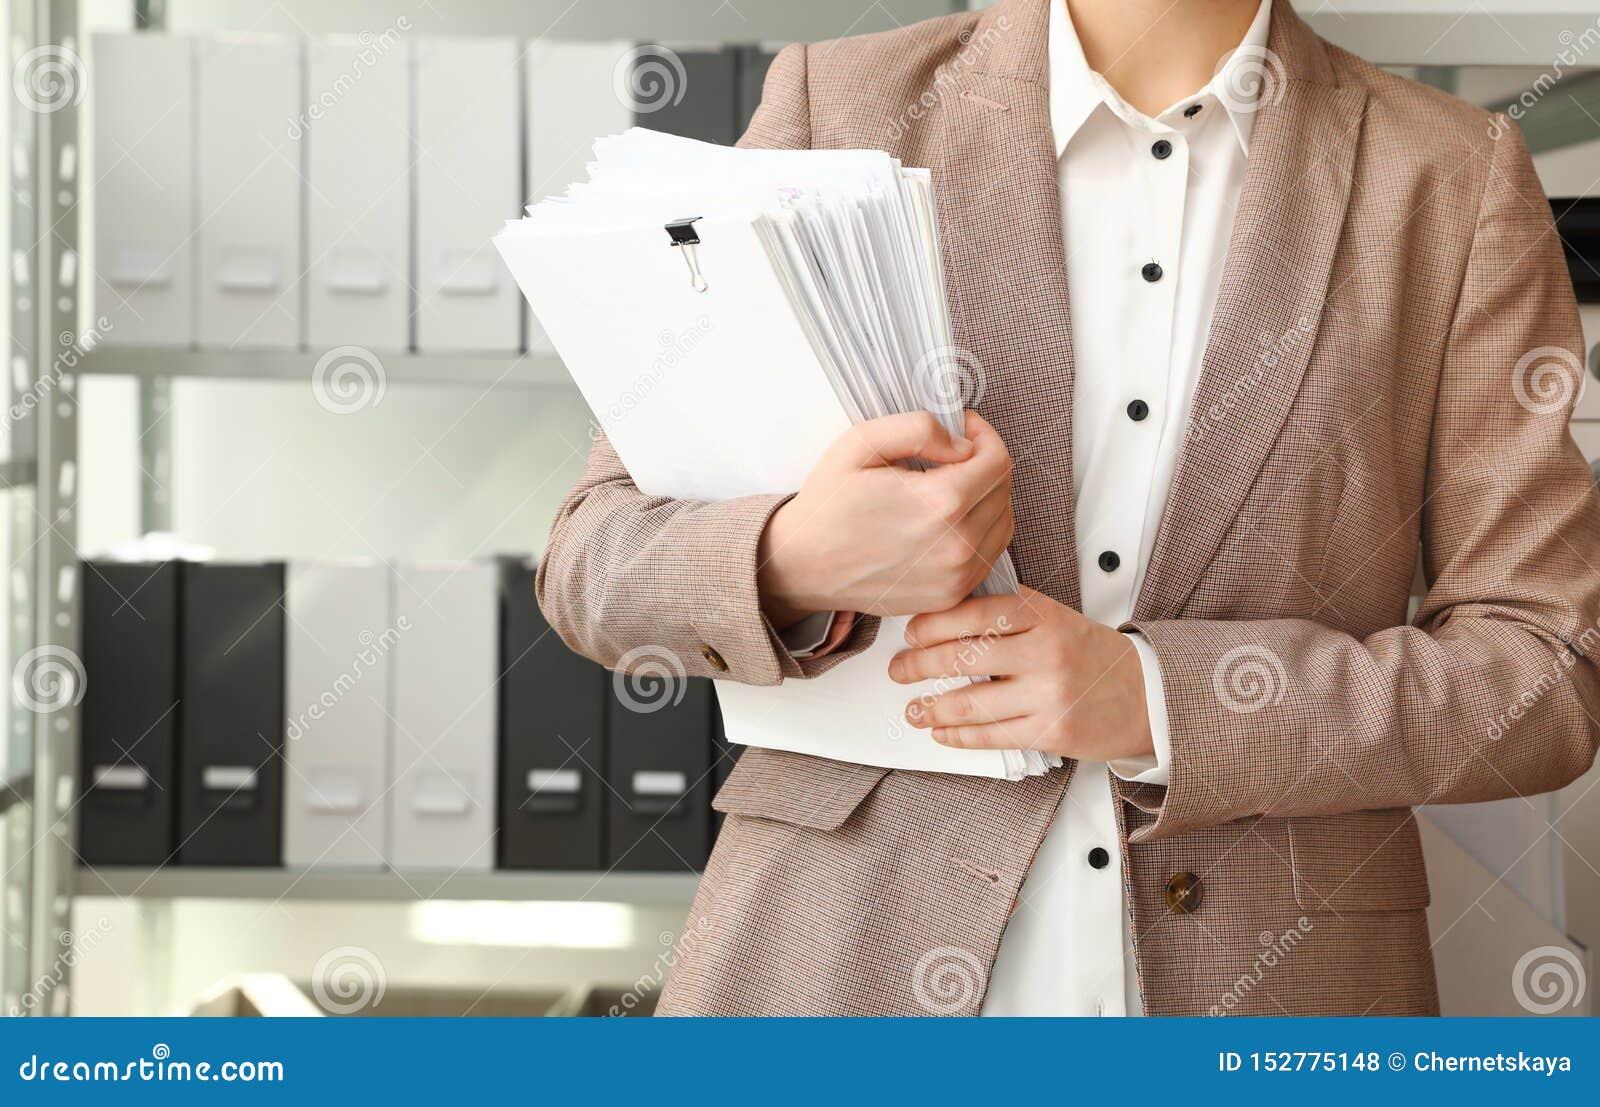 Vrouwelijke werknemer met documenten in archief, close-up